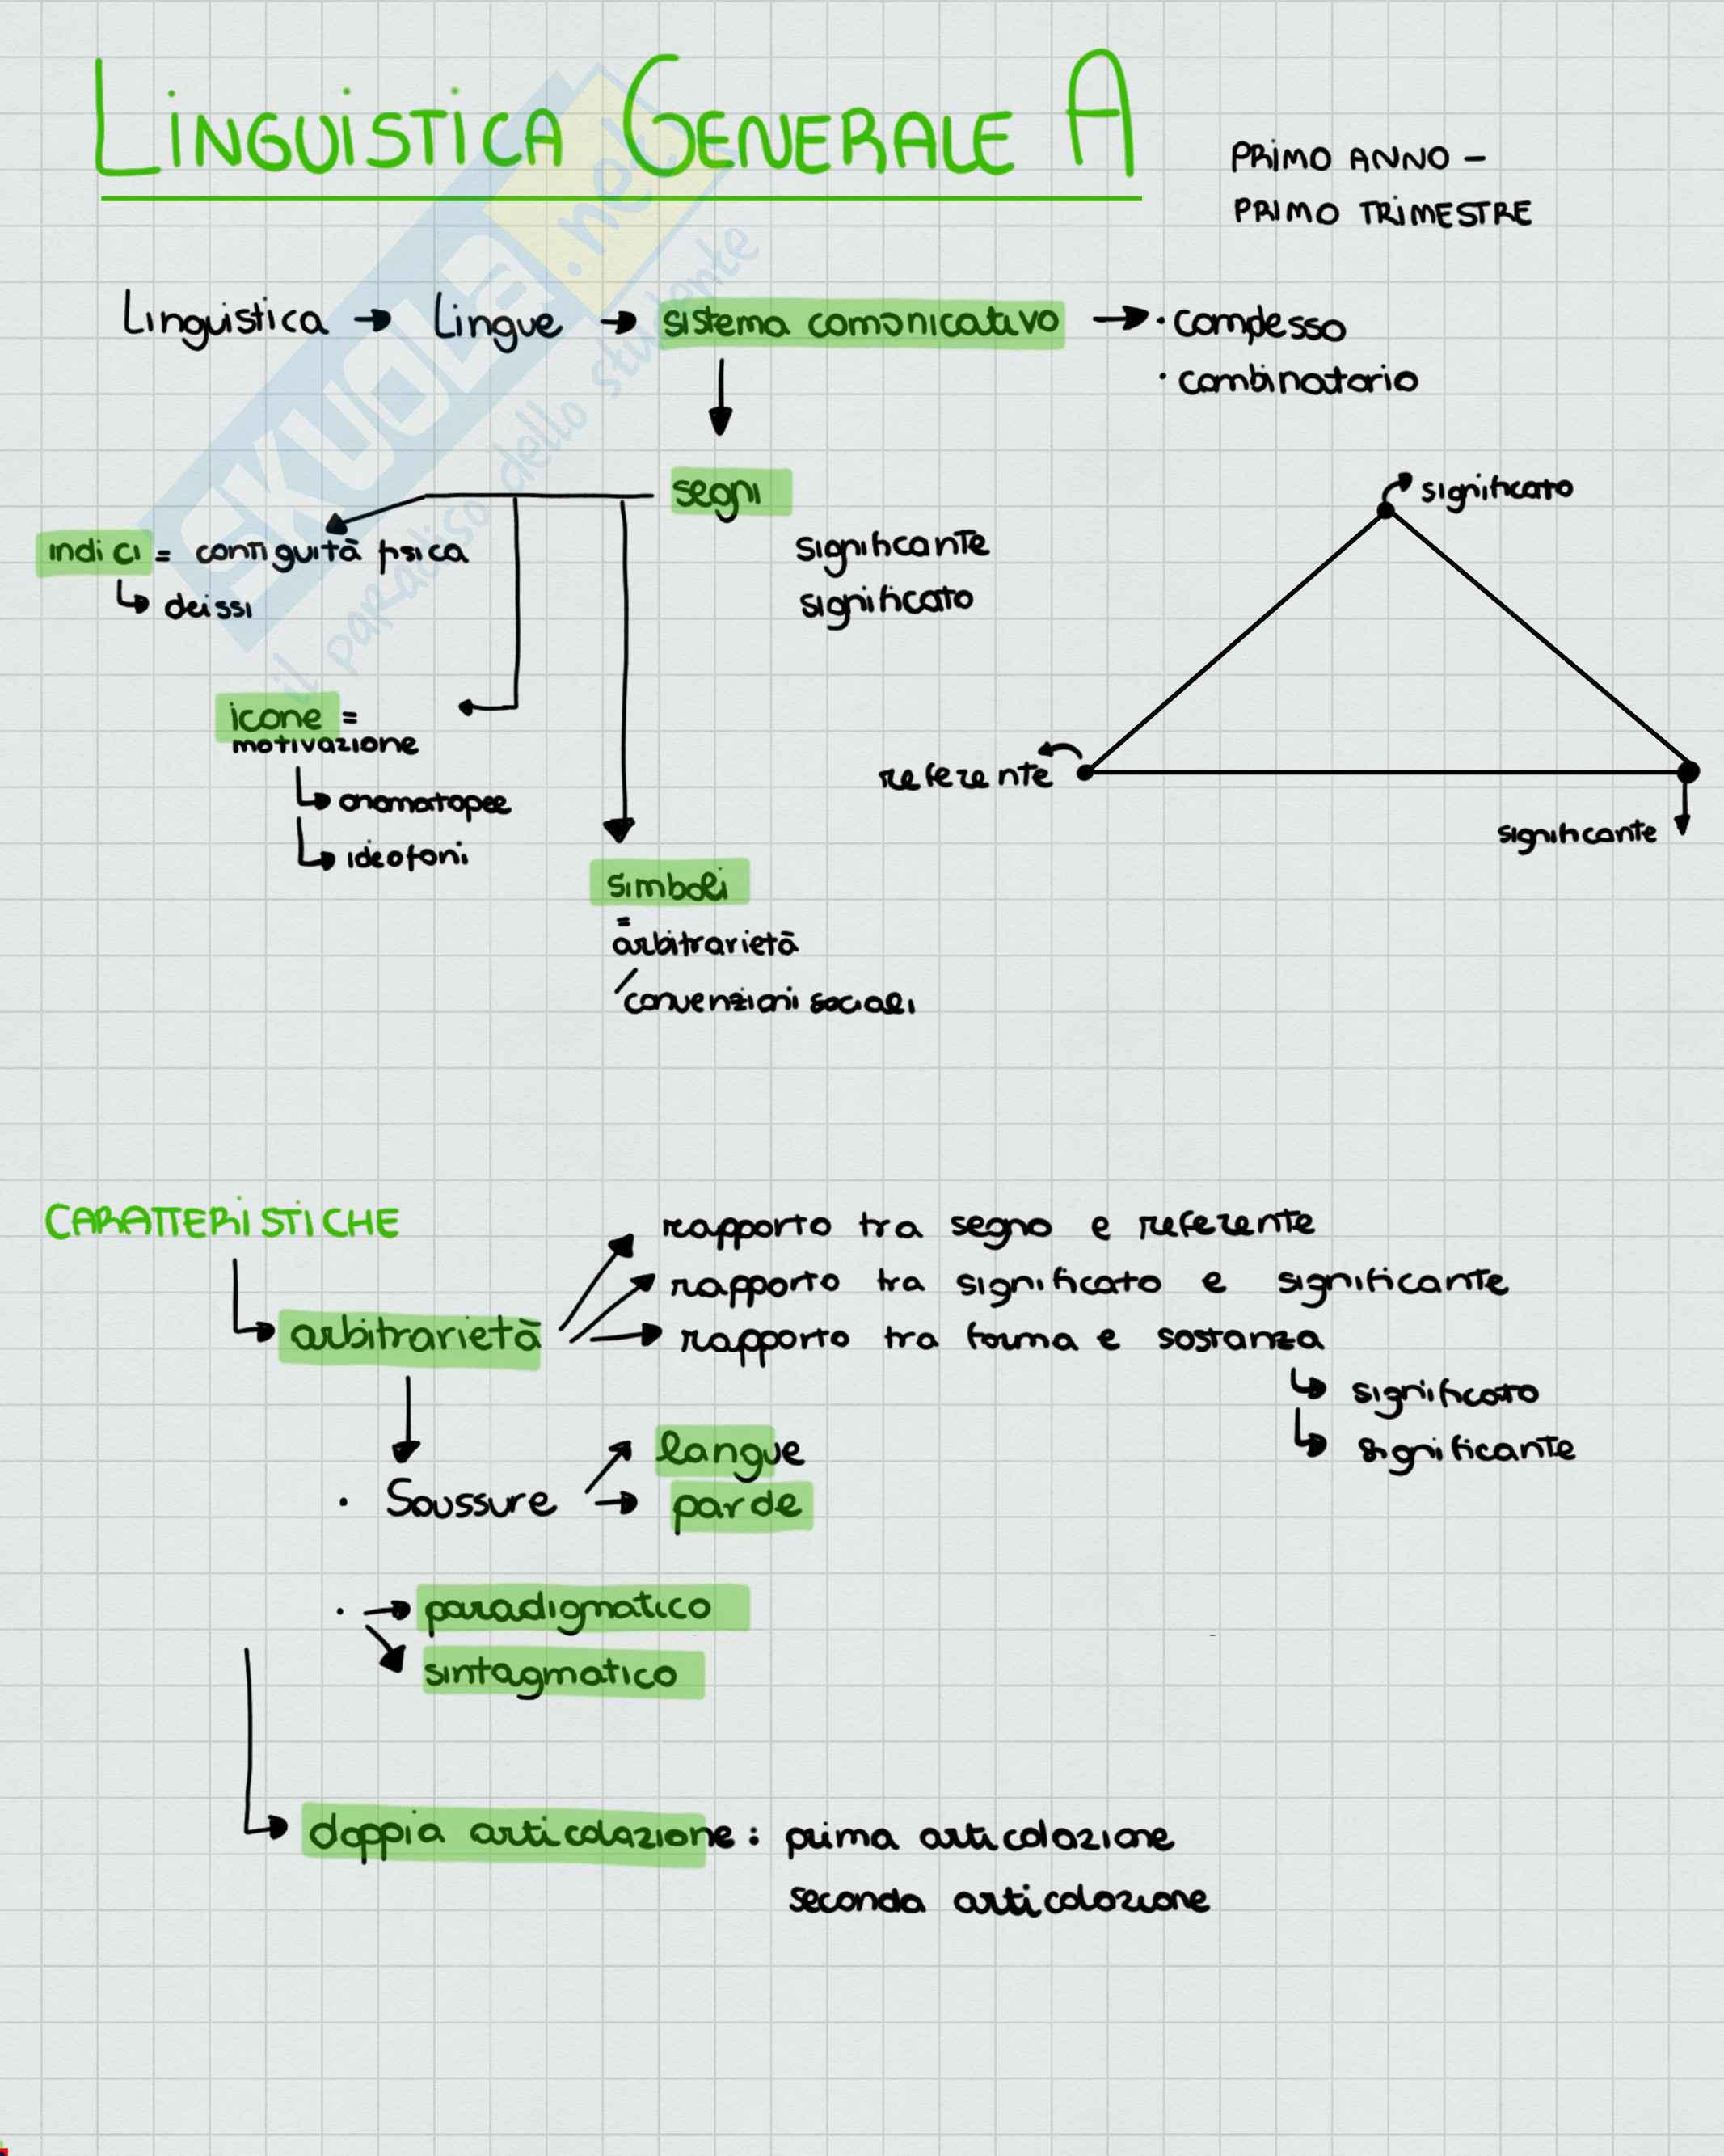 Schema Linguistica generale